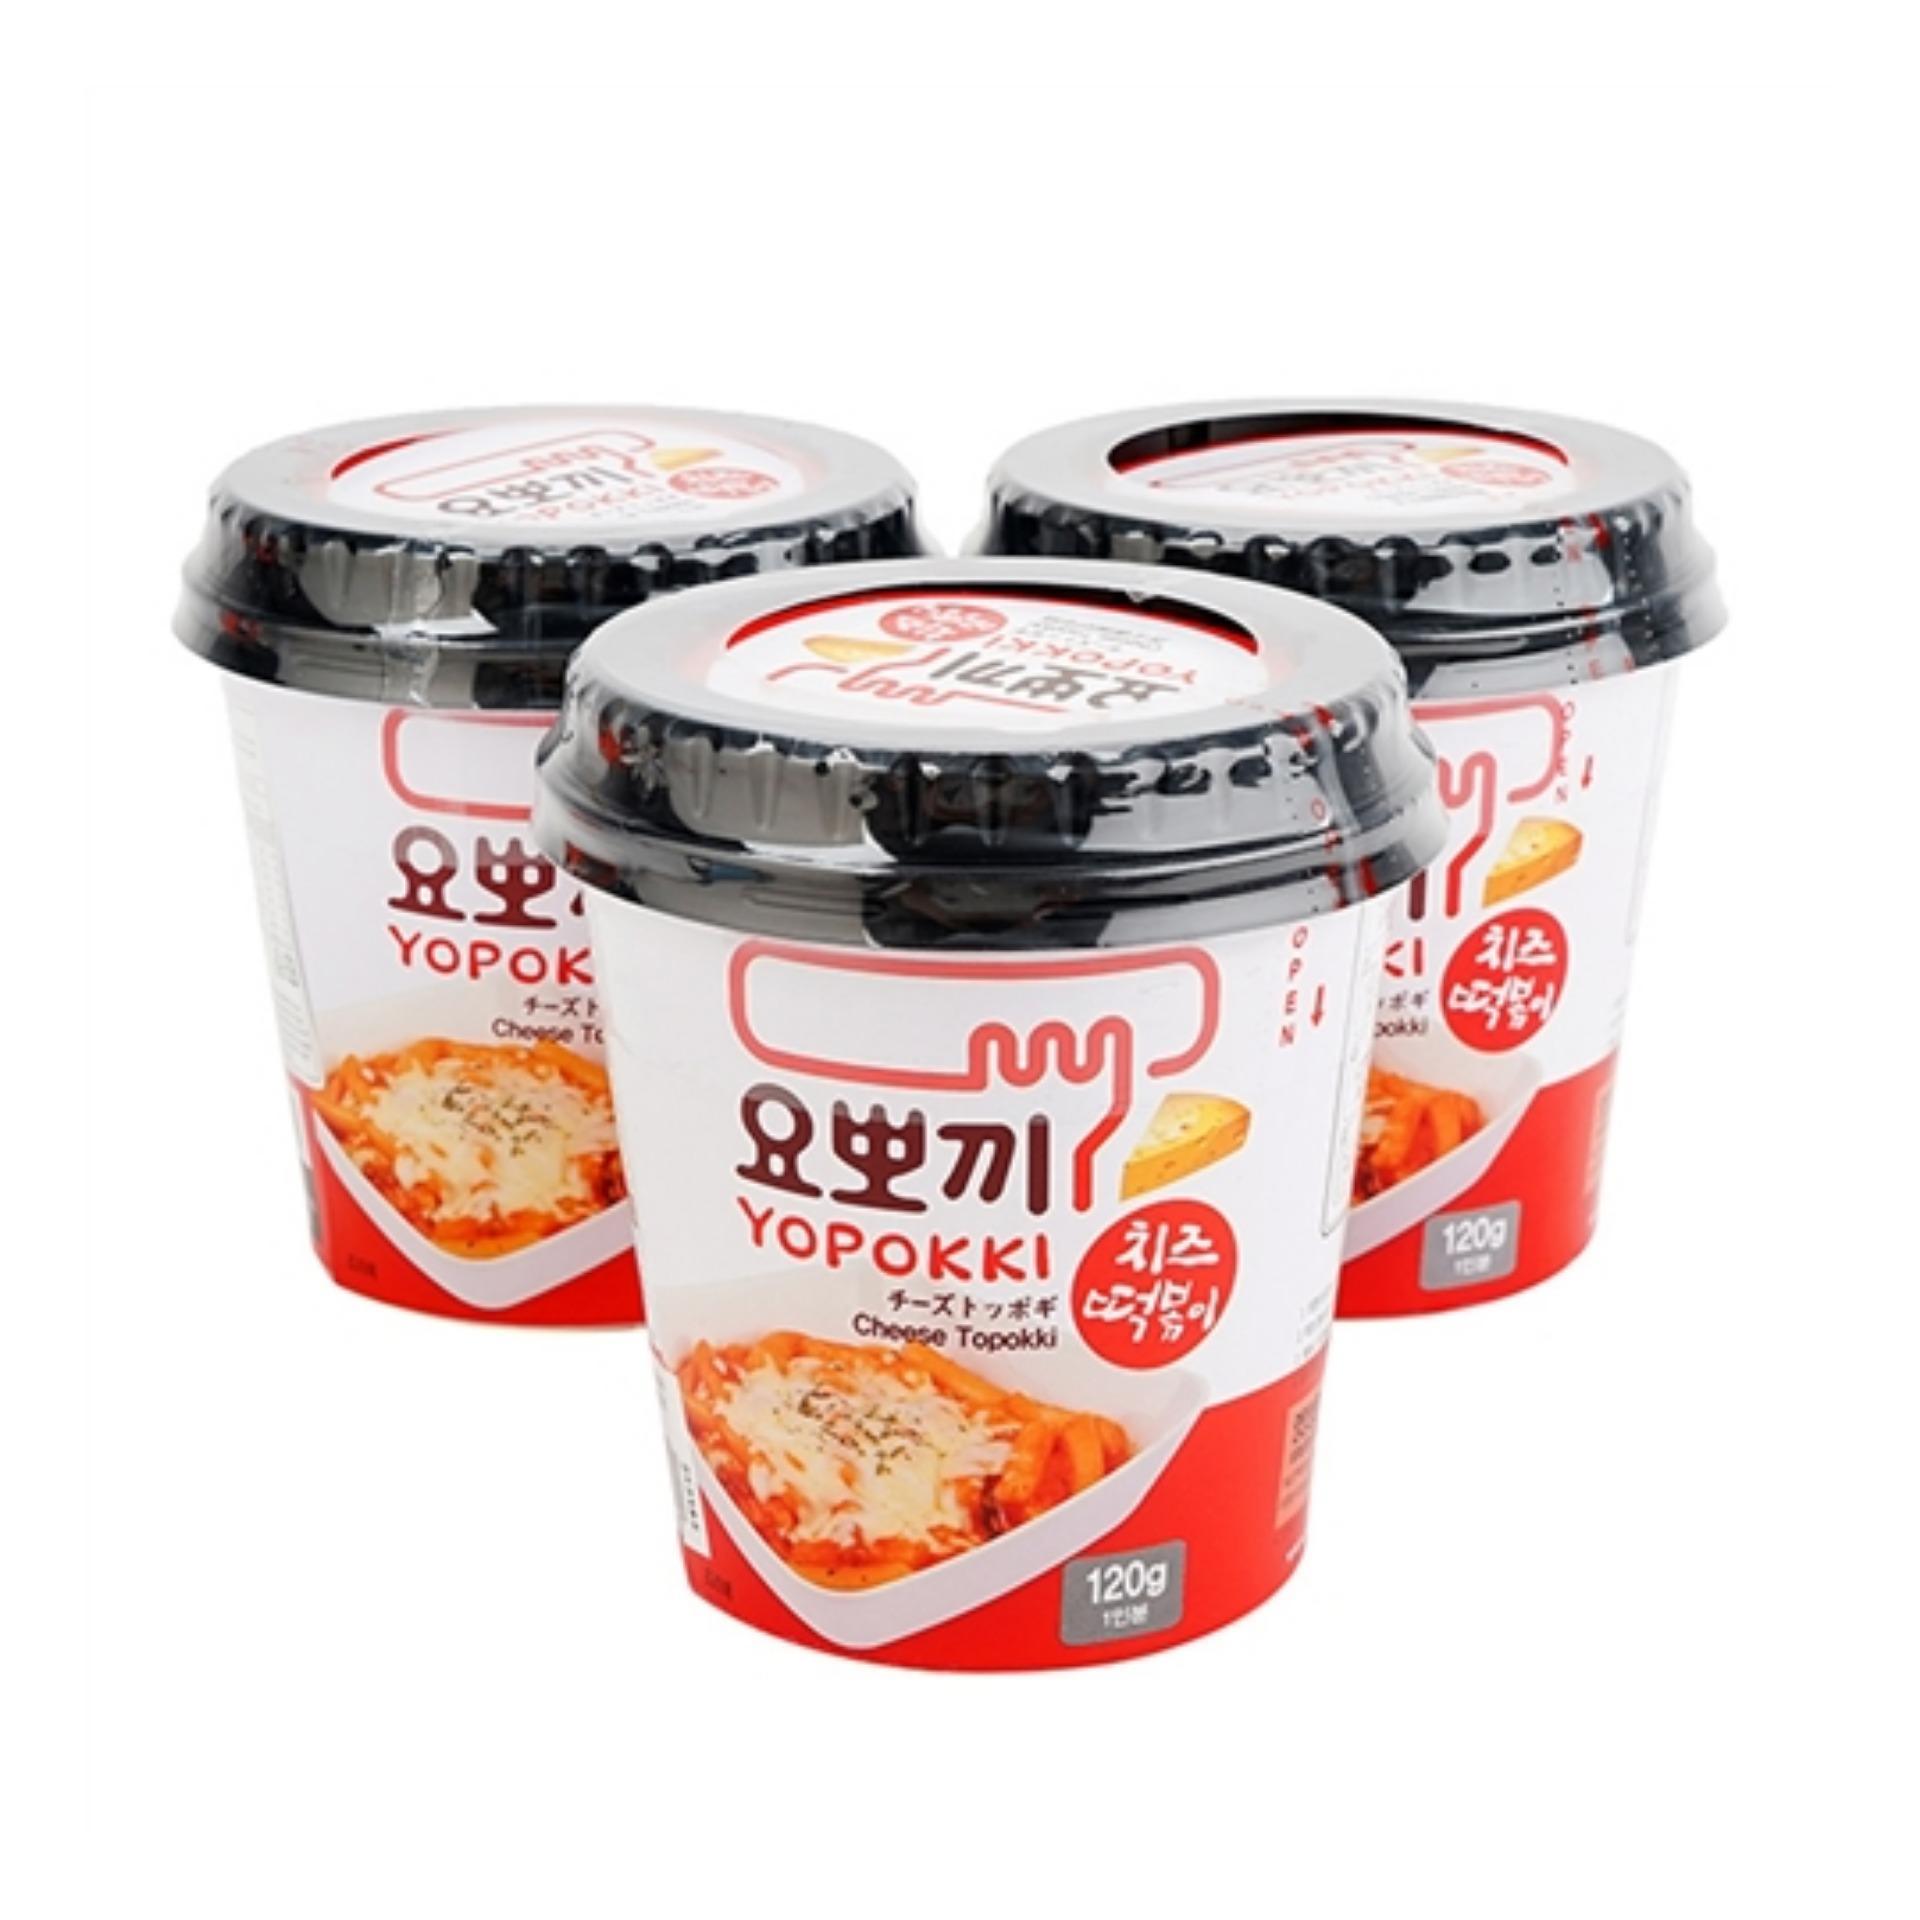 Combo 5 Hộp Bánh Gạo Yopokki Ăn Liền Hàn Quốc 120g ( Tự Chọn Vị)